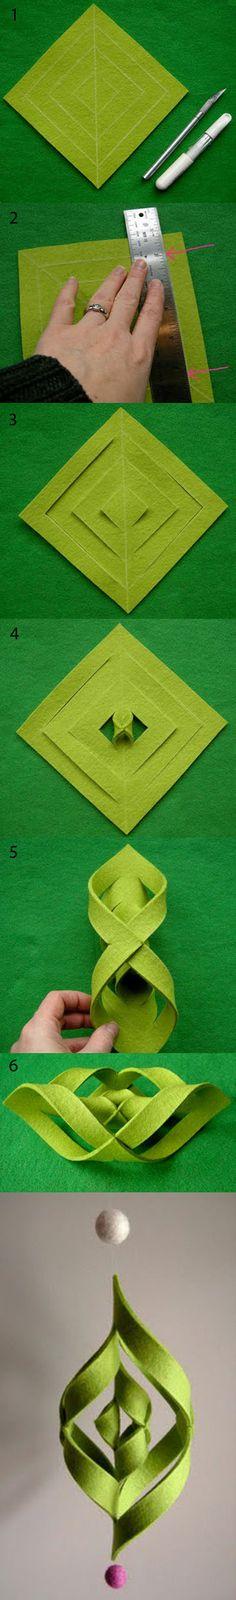 美麗簡單的不織布吊飾製作教程 - 堆糖 发现生活_收集美好_分享图片